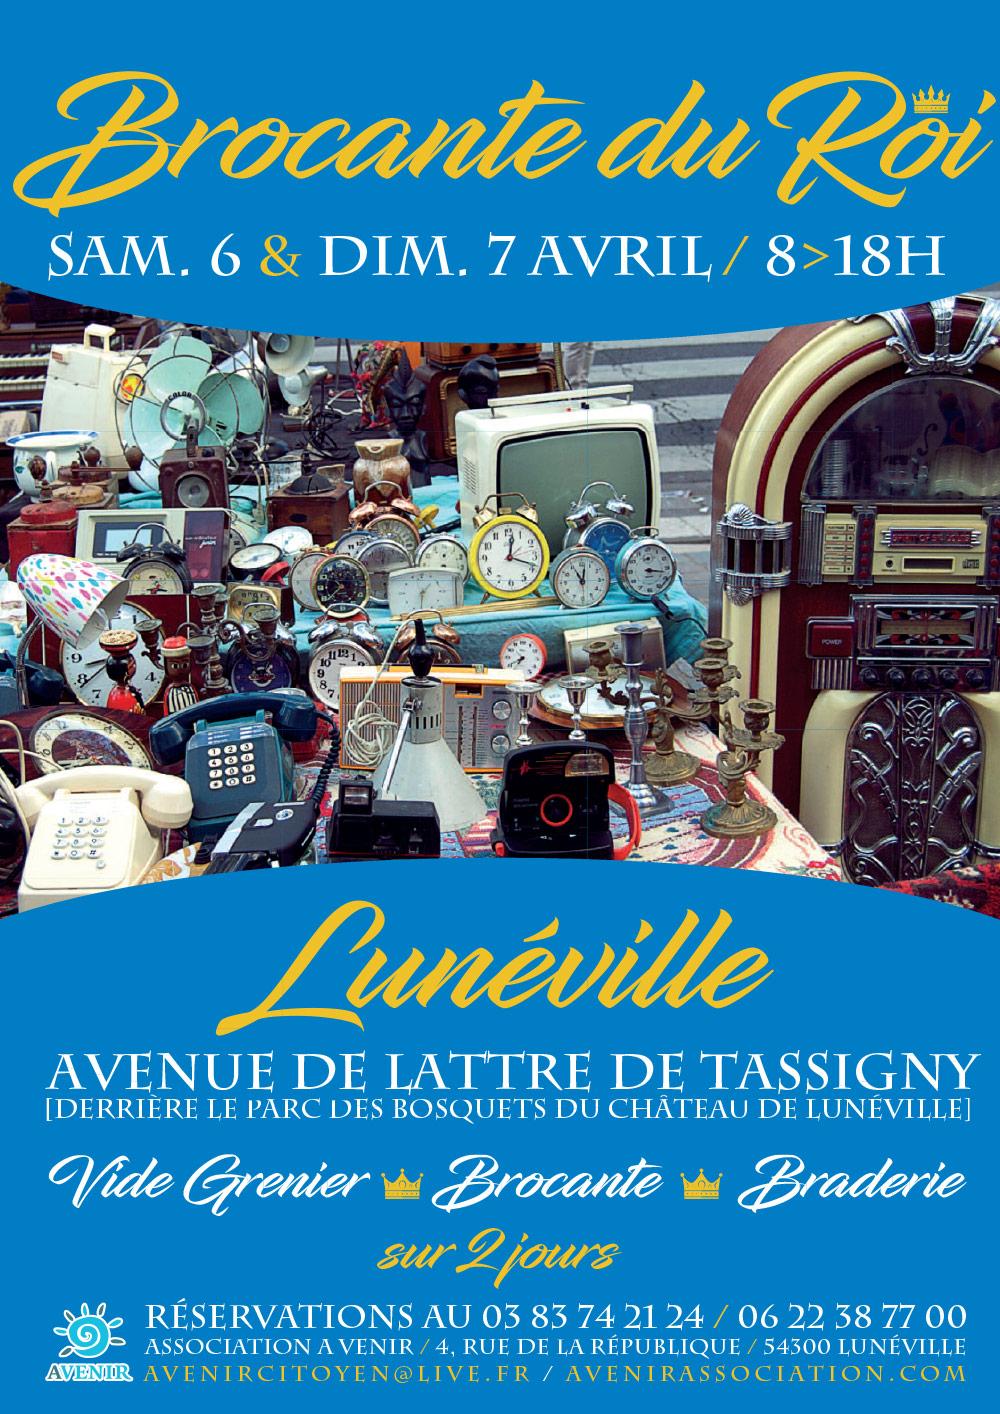 Brocante du Roi 18 & 19 Mai 2019 Lunéville